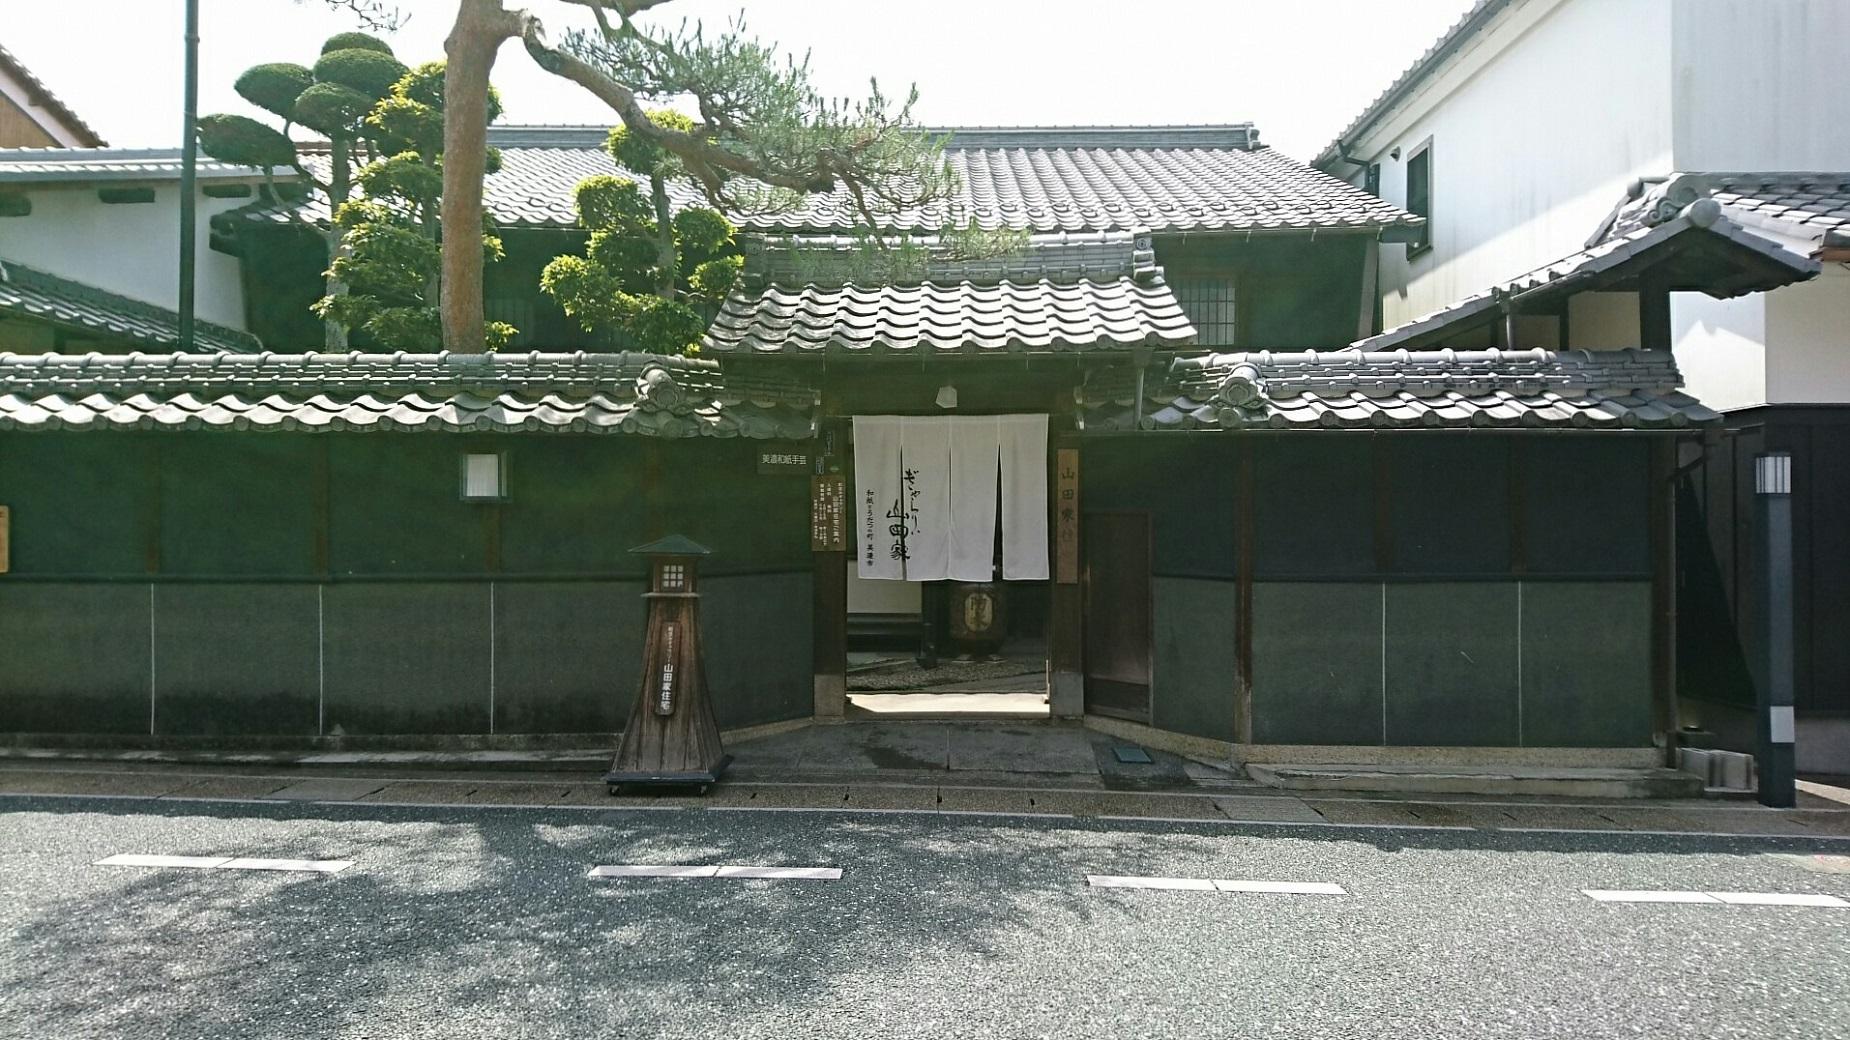 2018.5.16 美濃市 (68) 山田家住宅 1850-1040